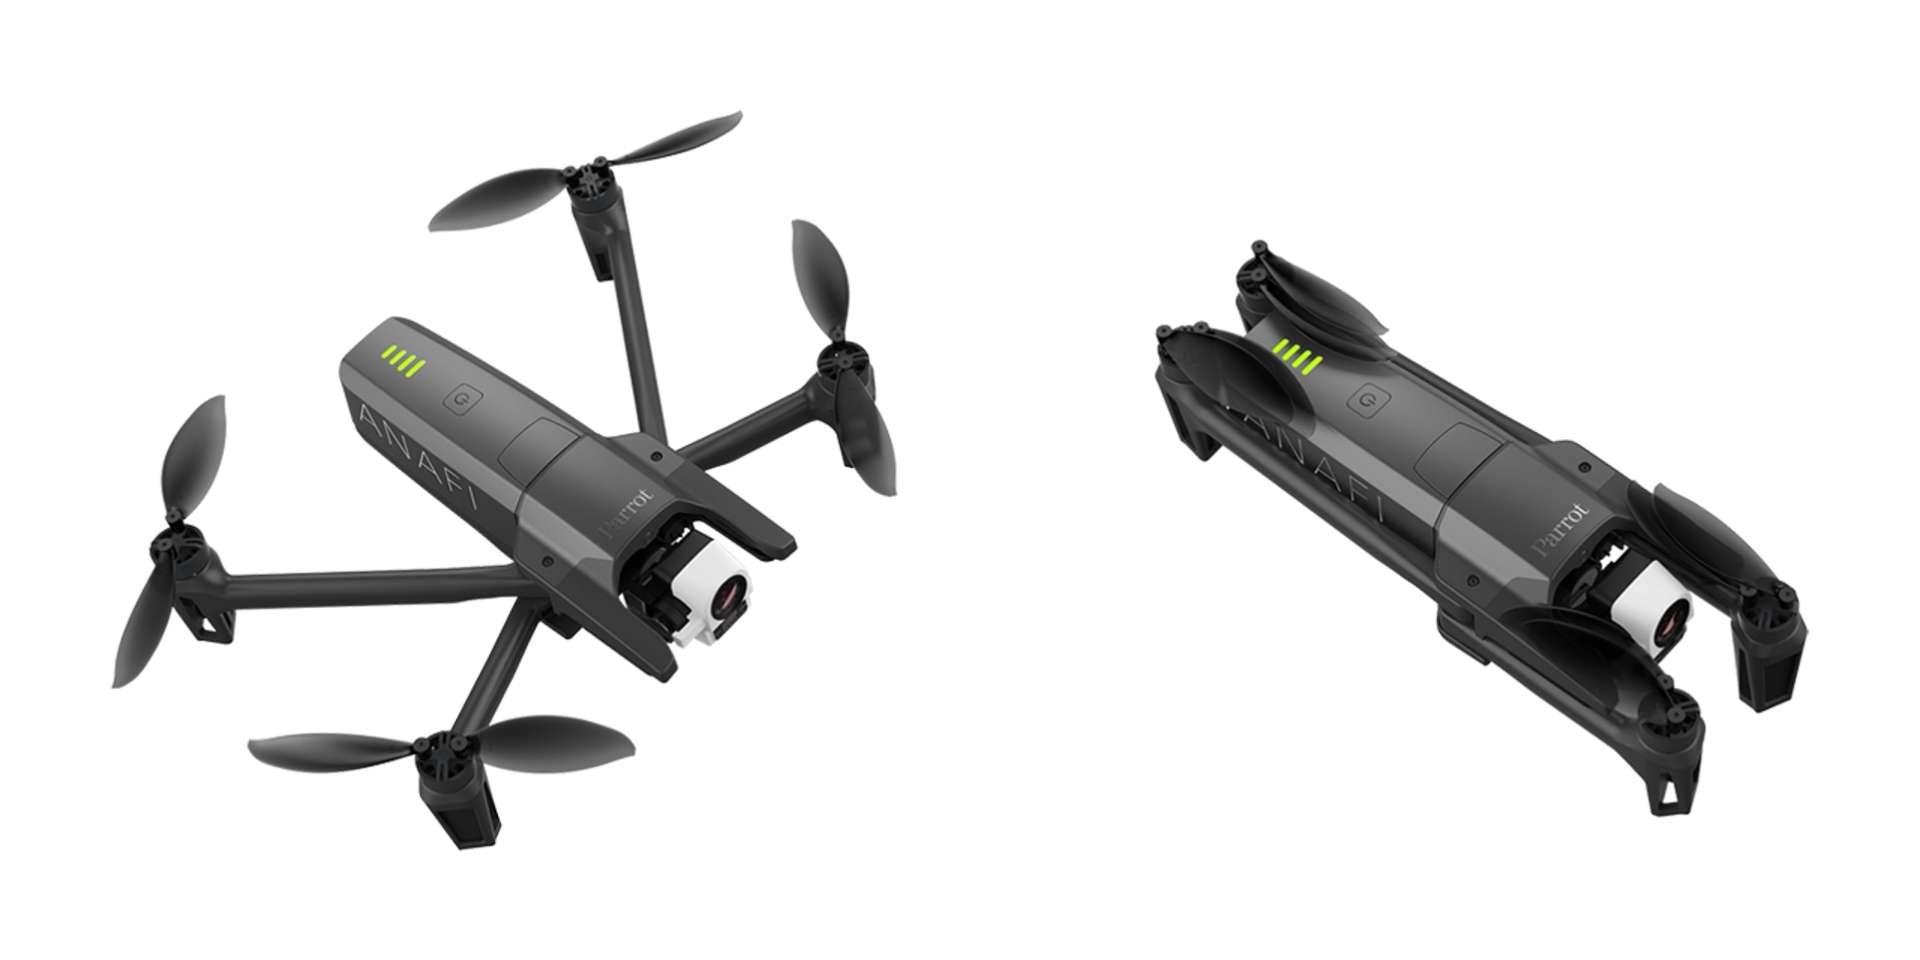 Le drone pliable Parrot Anafi Thermal est équipé d'une caméra thermique. © Courtesy of Parrot/Parrot Anafi Thermal